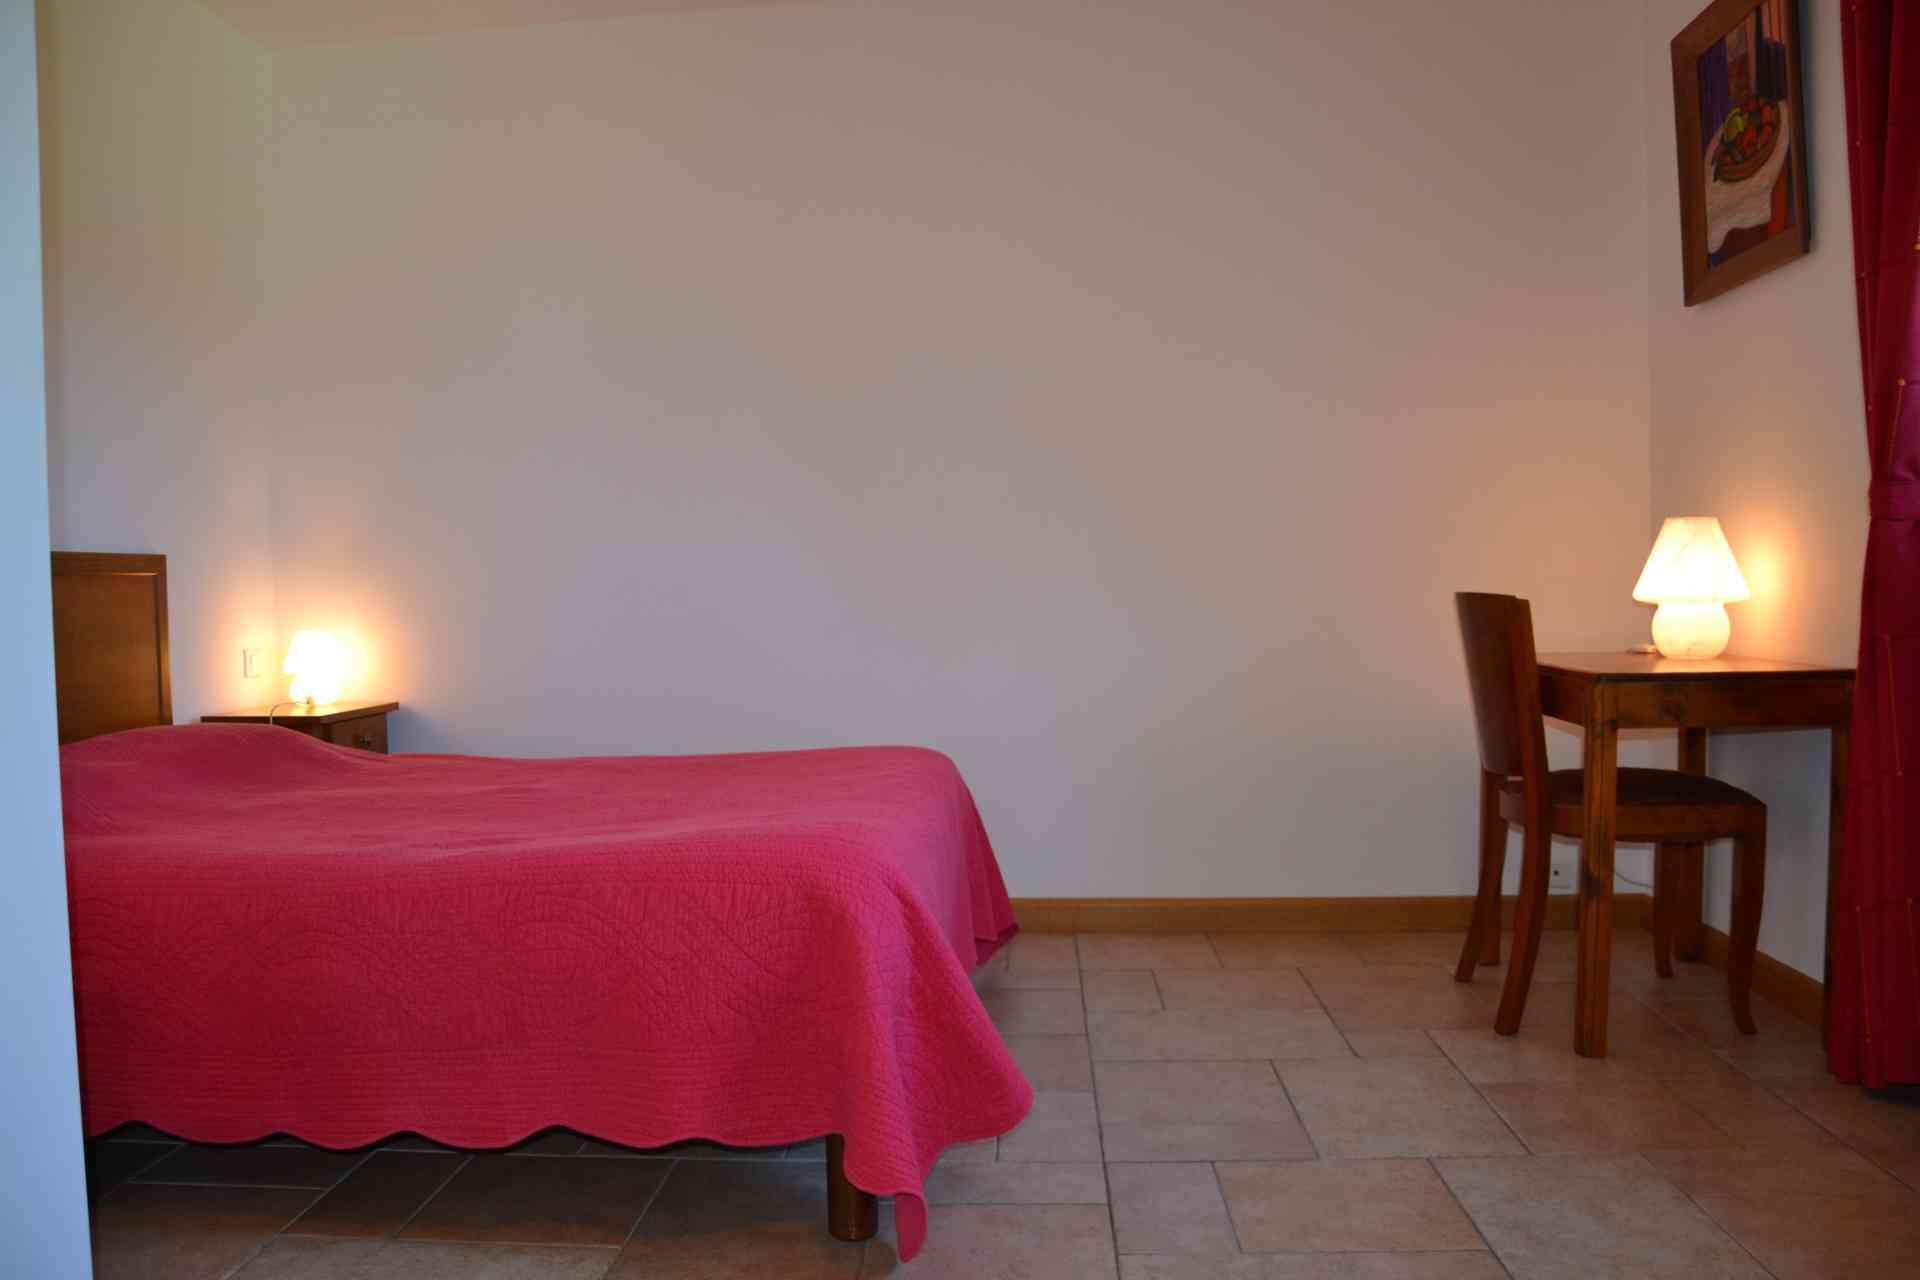 une des nos chambres d'hôtes chambre rose